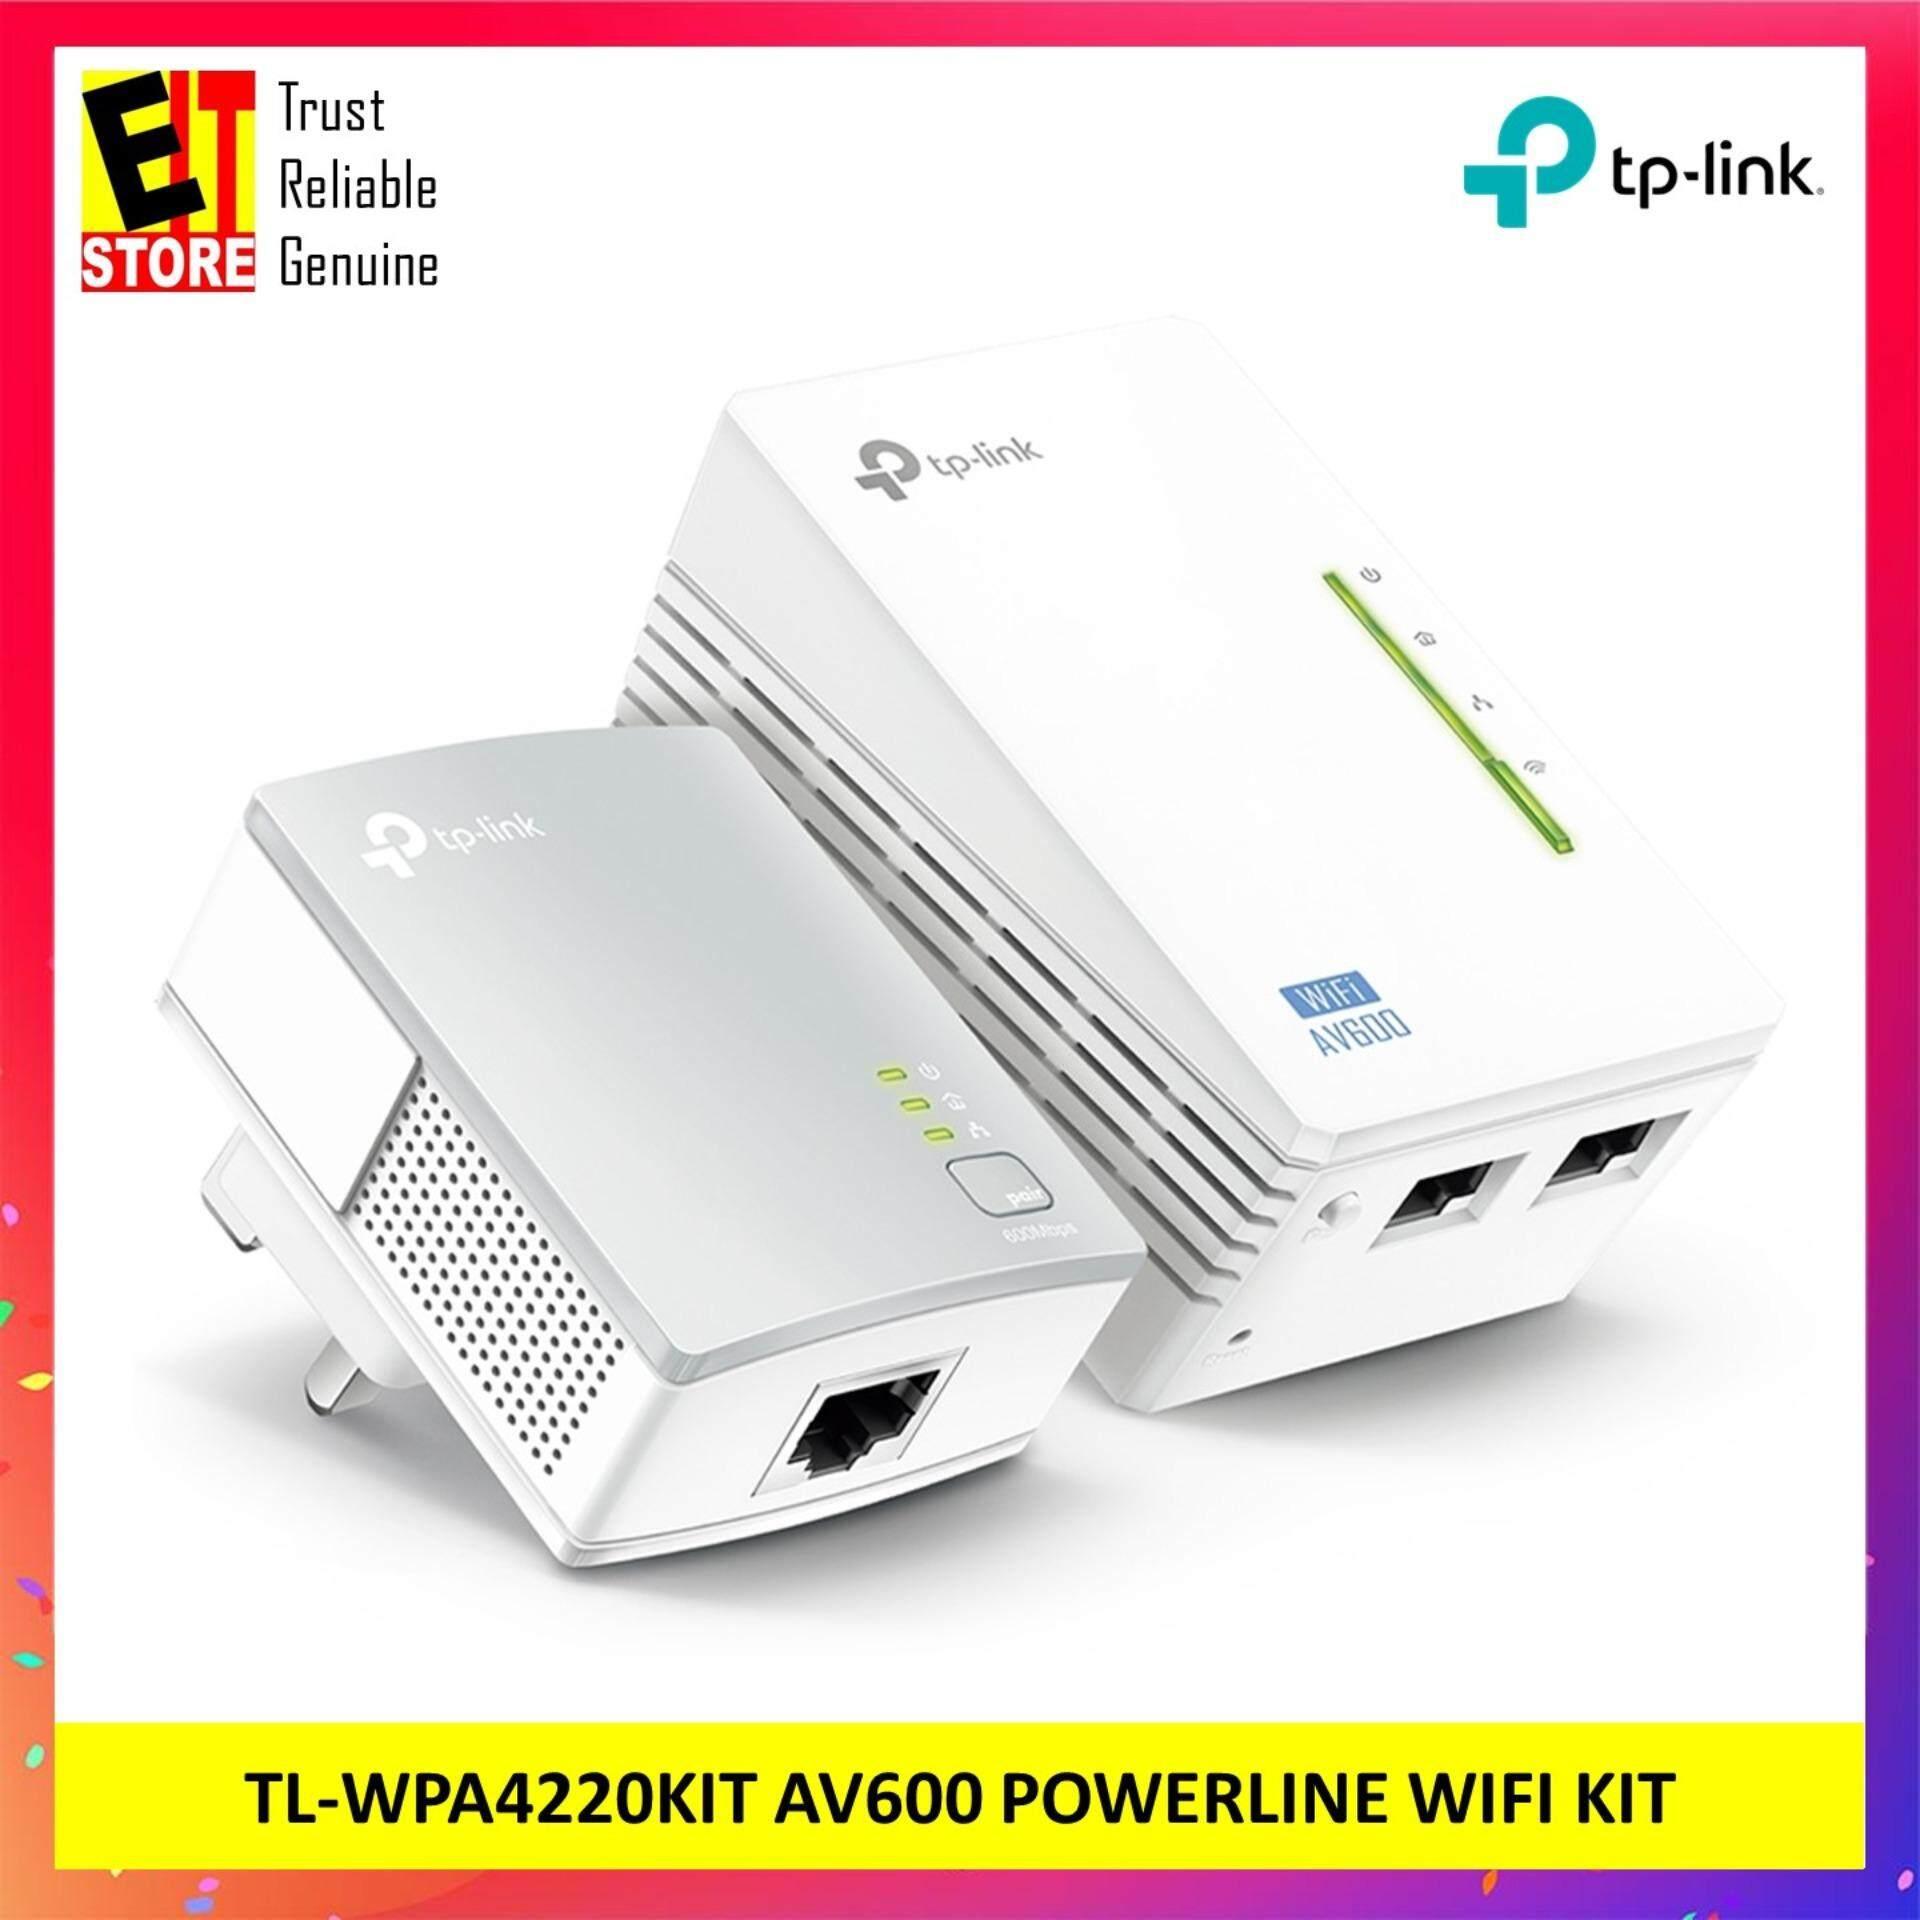 Tp-Link Tl-Wpa4220kit Av600 Powerline Wifi Kit (300mbps Wifi & 600mbps Powerline) By Eit Store.